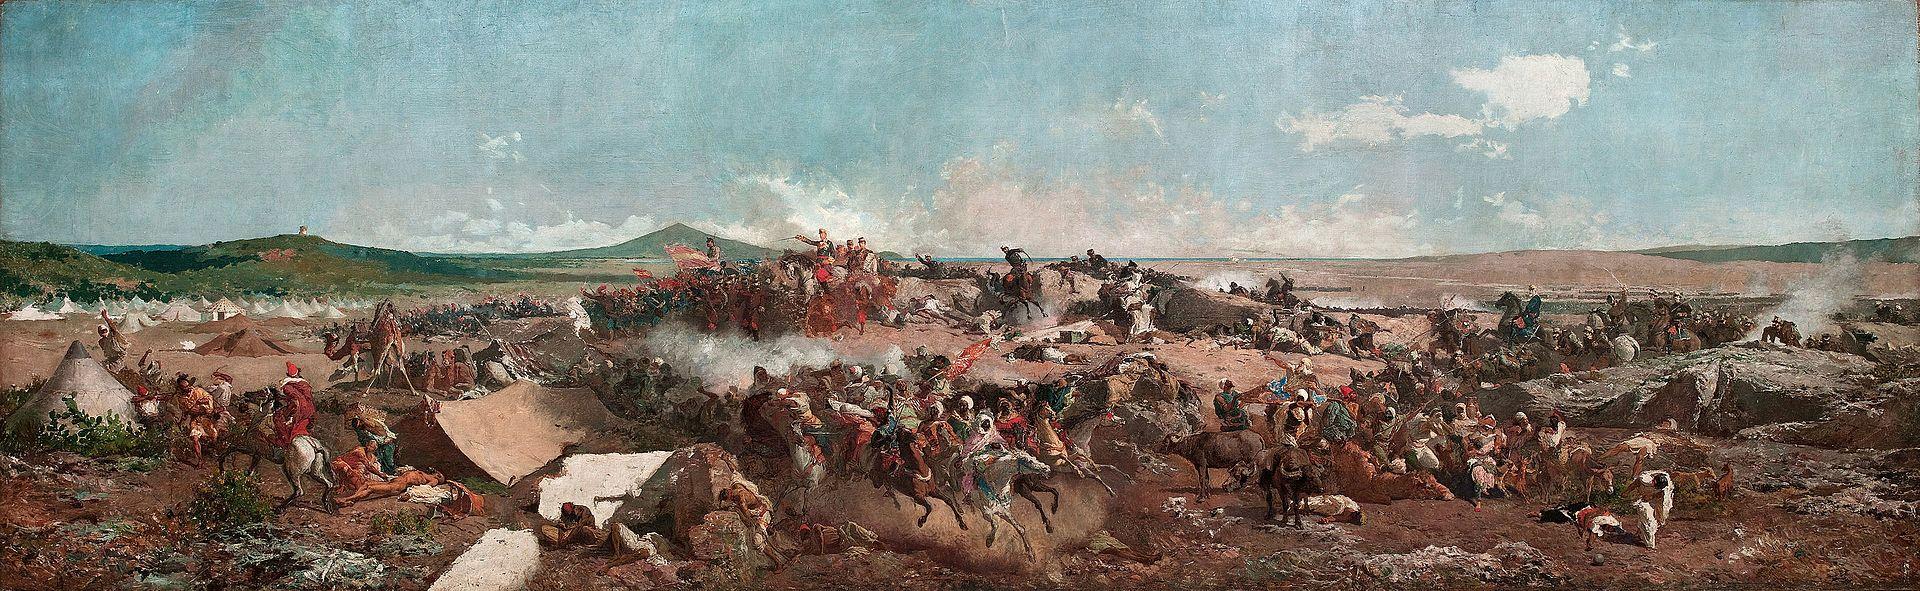 Fortuny - 1864 La batalla de Tetuán